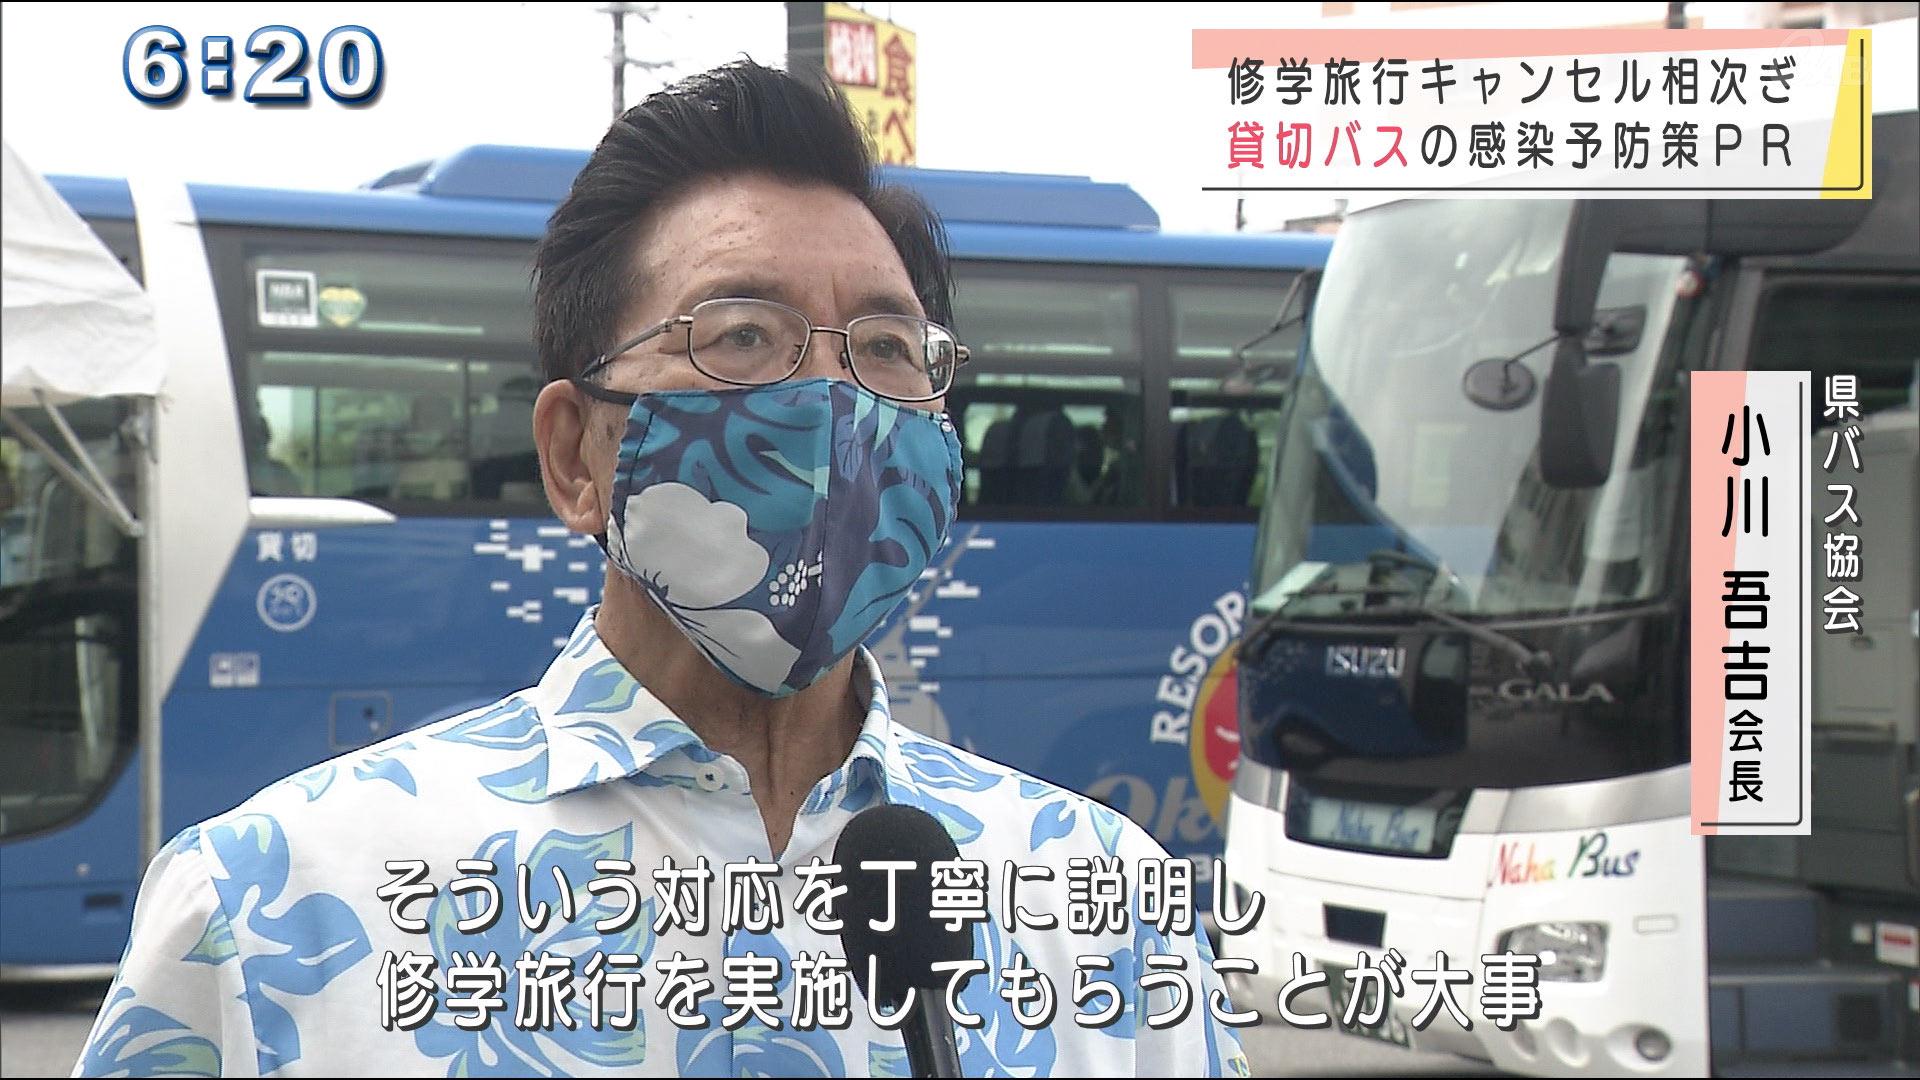 県バス協会が安心安全をPR